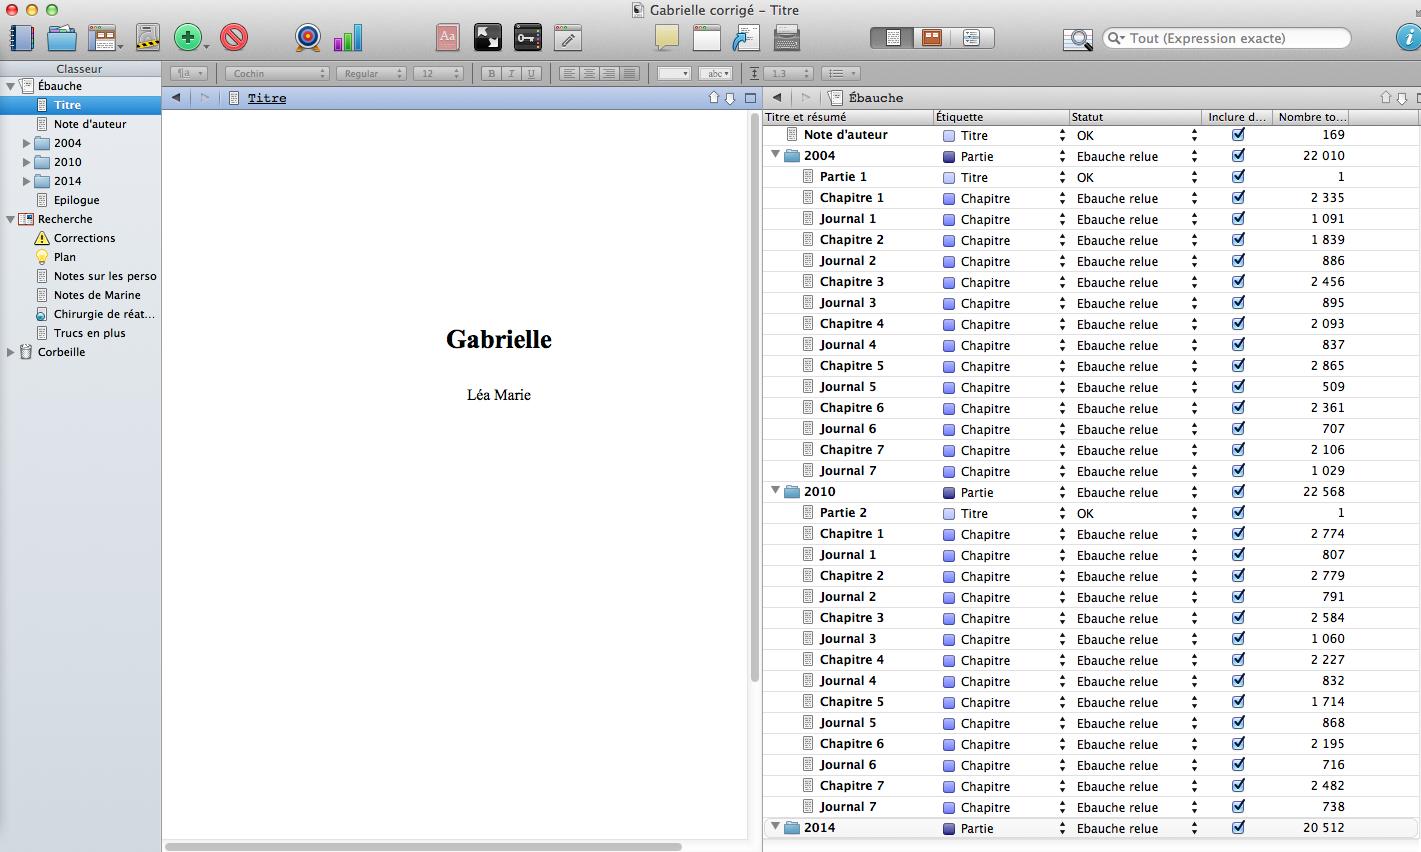 j'ai terminé le premier jet de mon roman